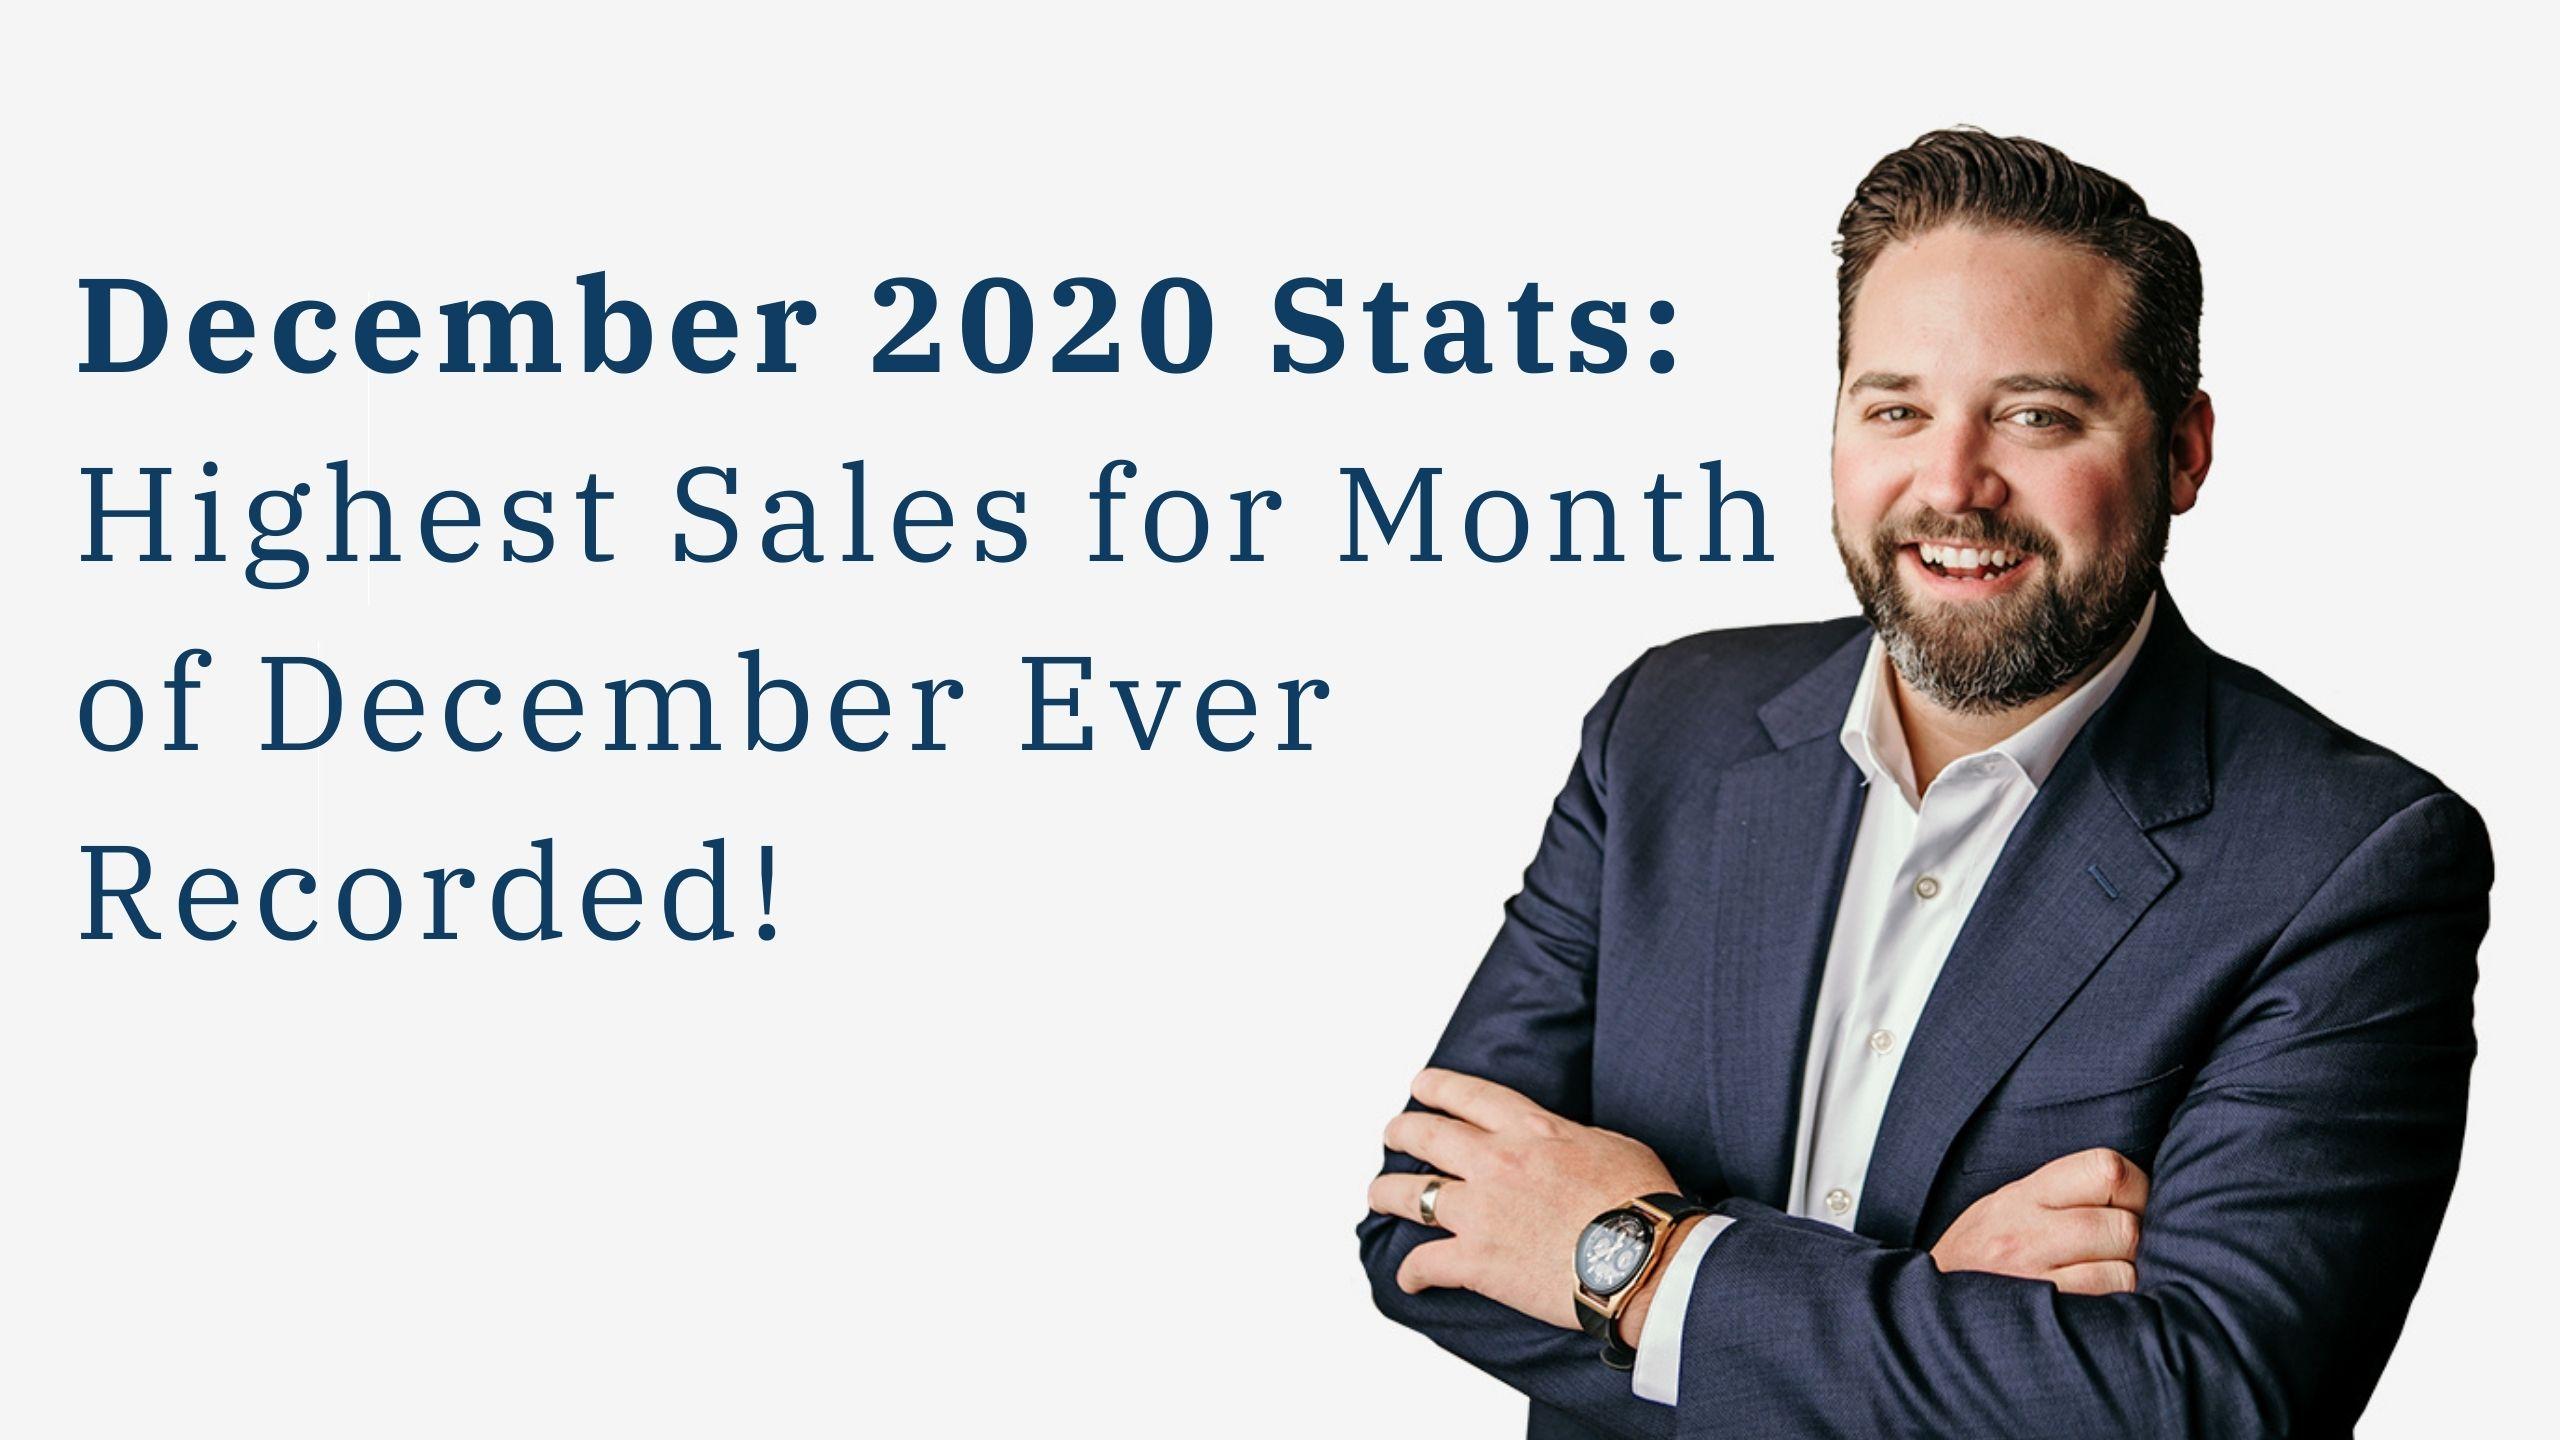 Bob's update on december real estate stats